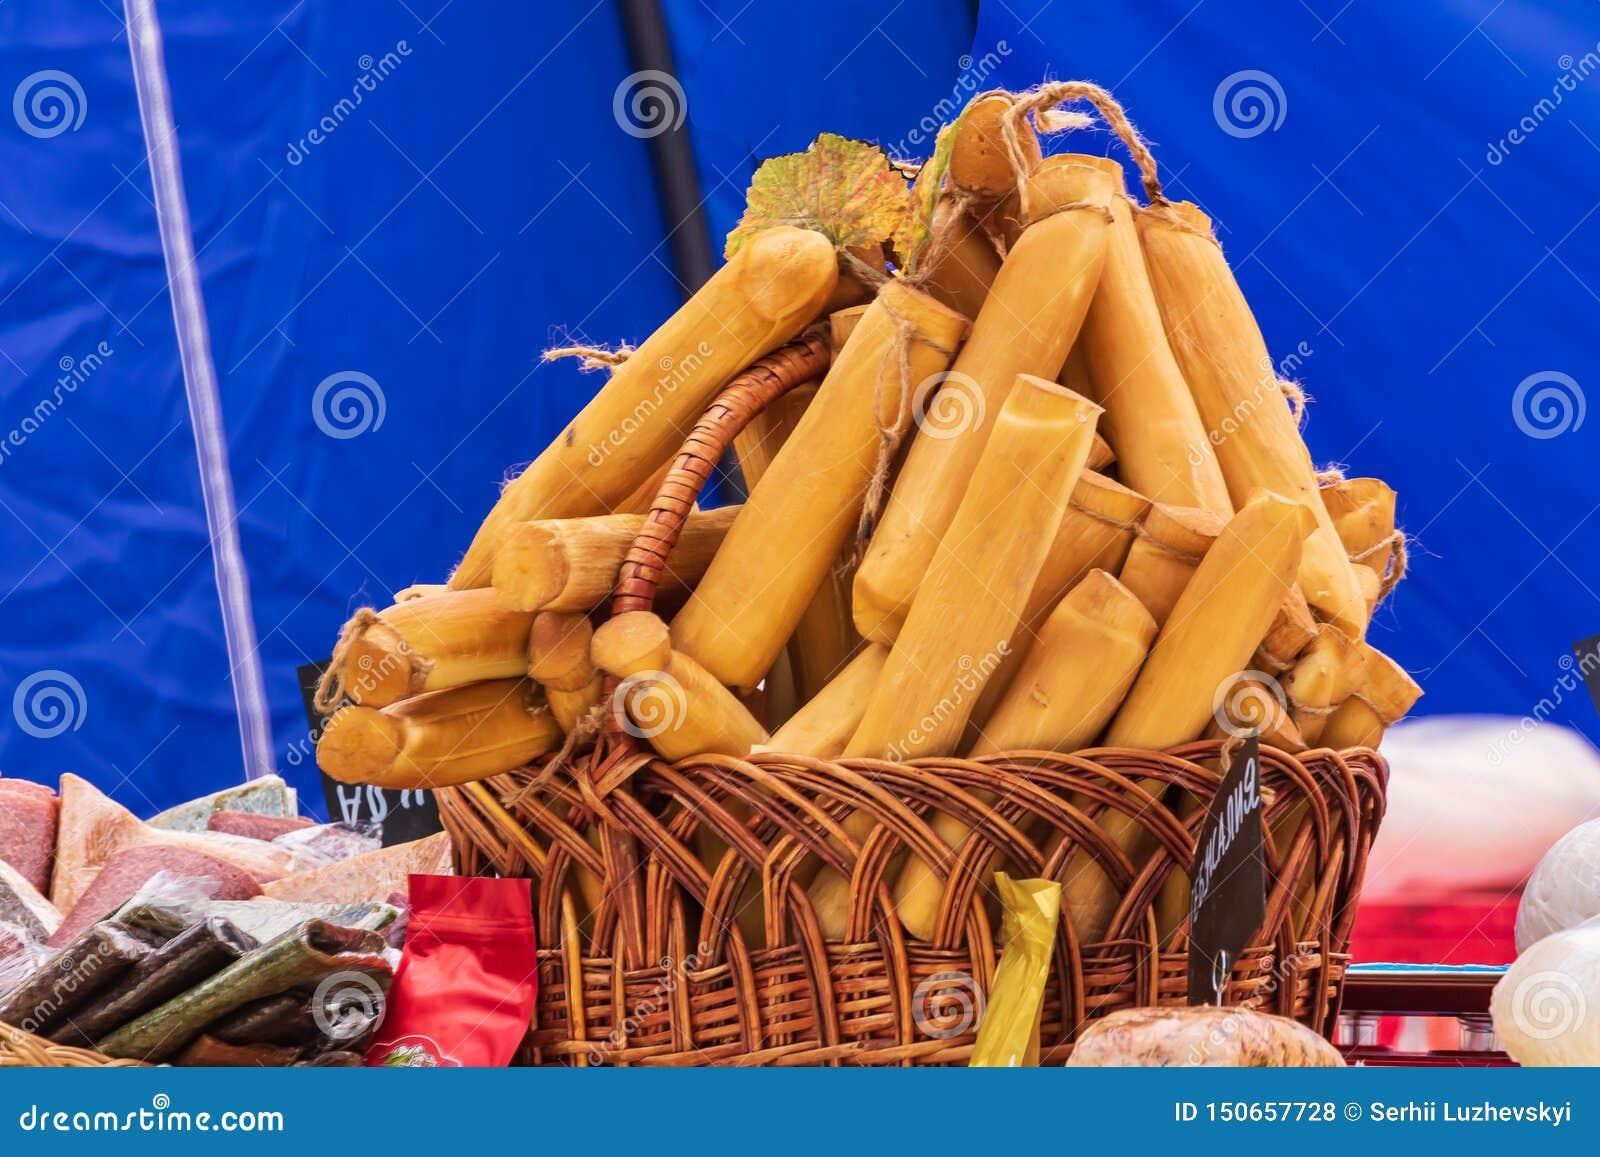 Culinair buffet met een presentatie van een verscheidenheid van gezonde schotels - kazen, worsten Mand met gerookte kaasstokken